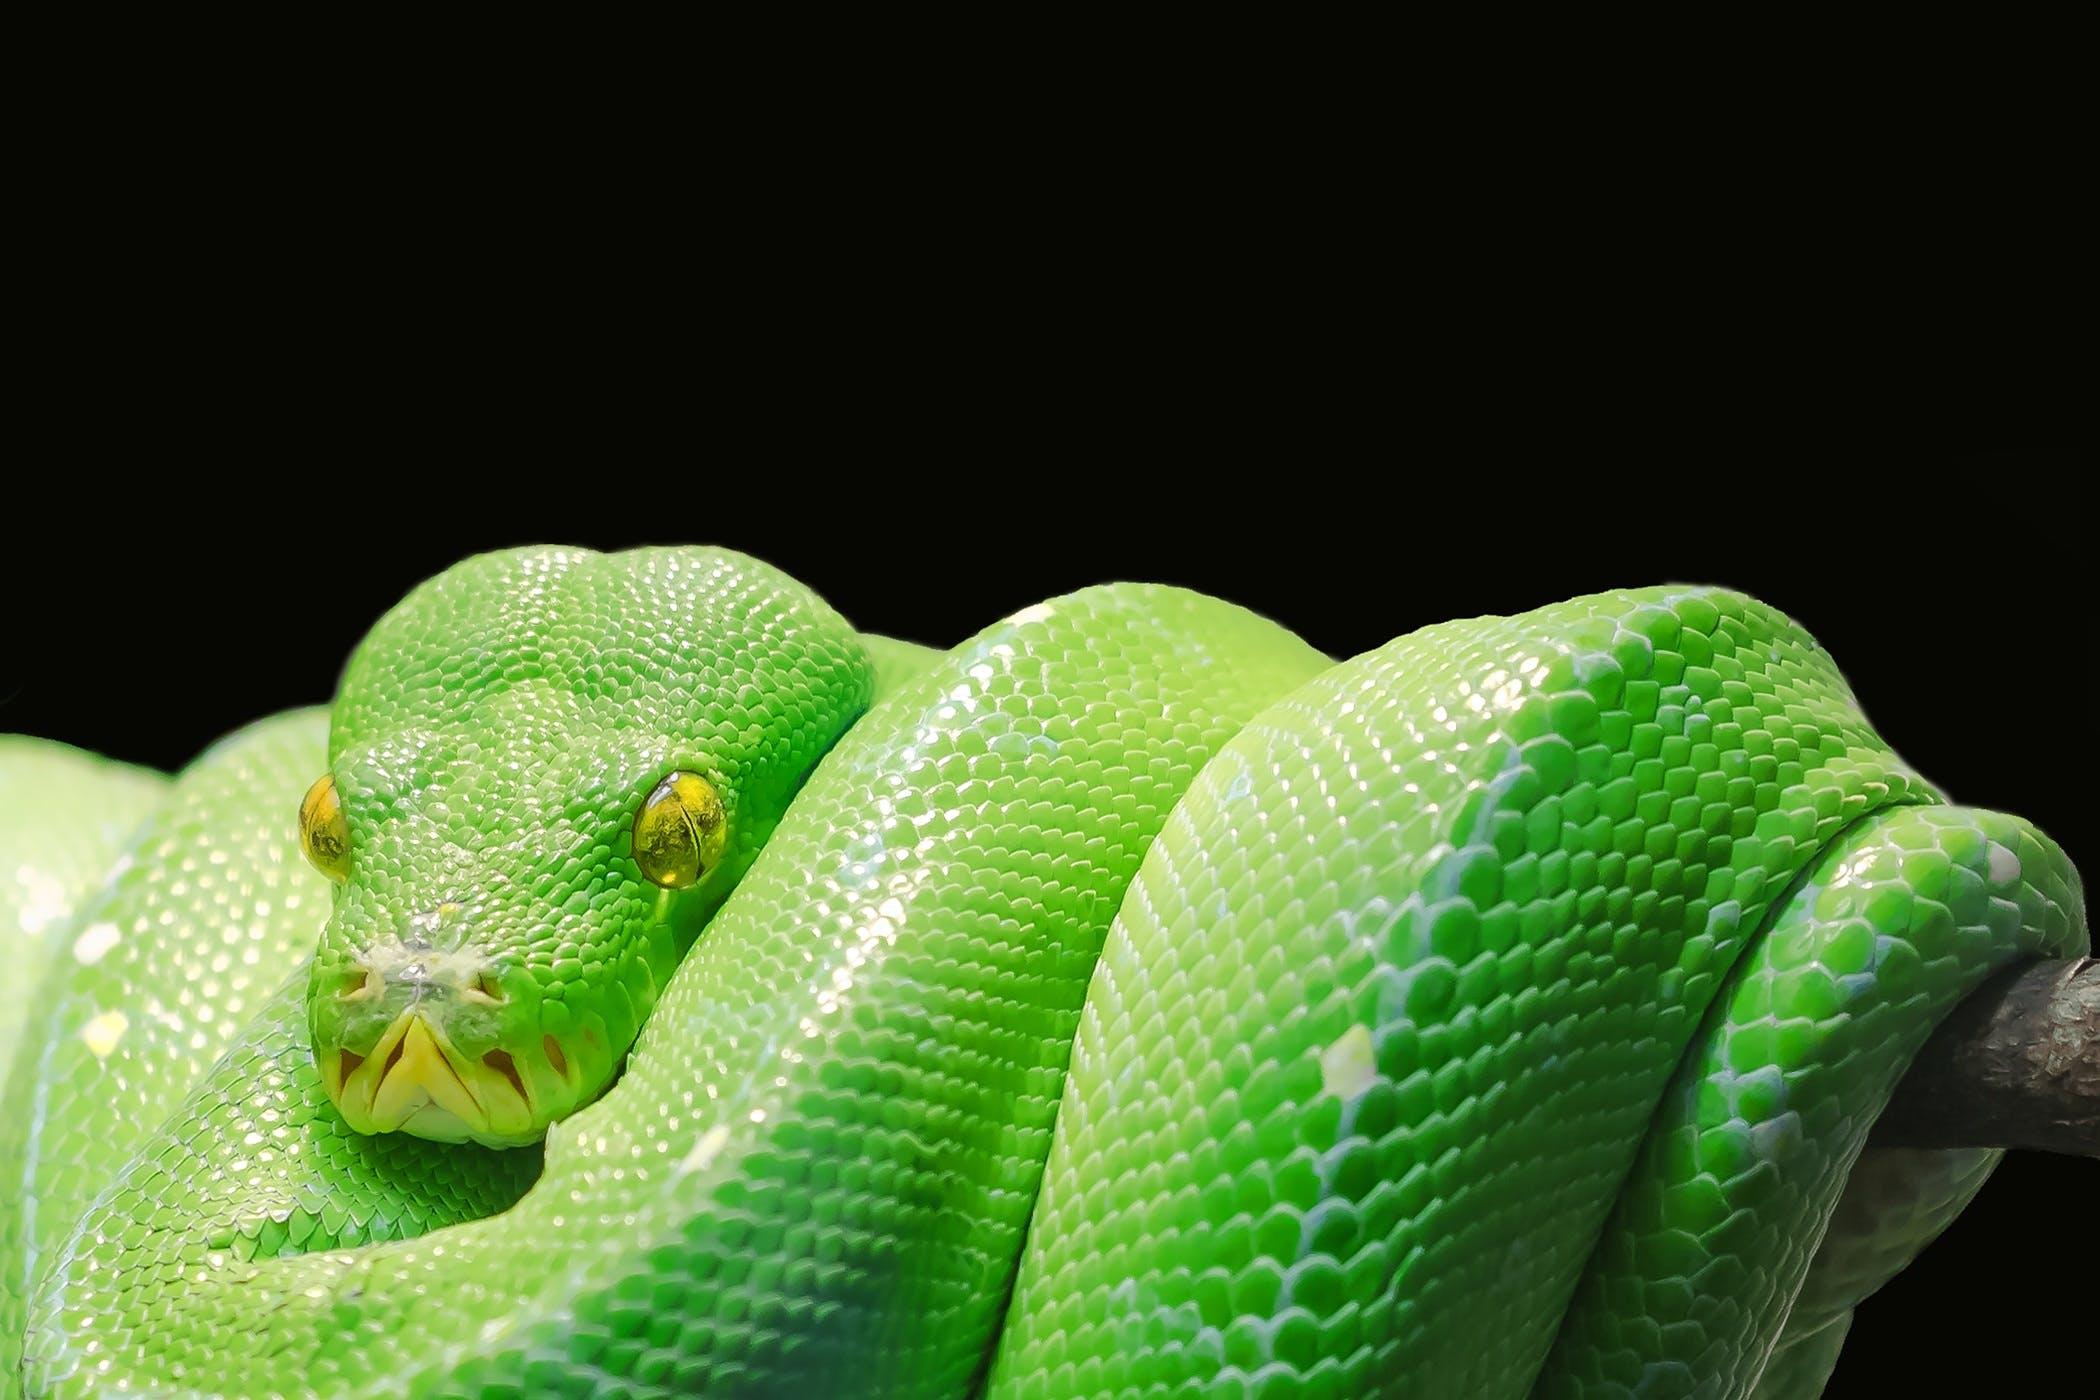 Kostenloses Stock Foto zu tier, grün, reptil, nahansicht